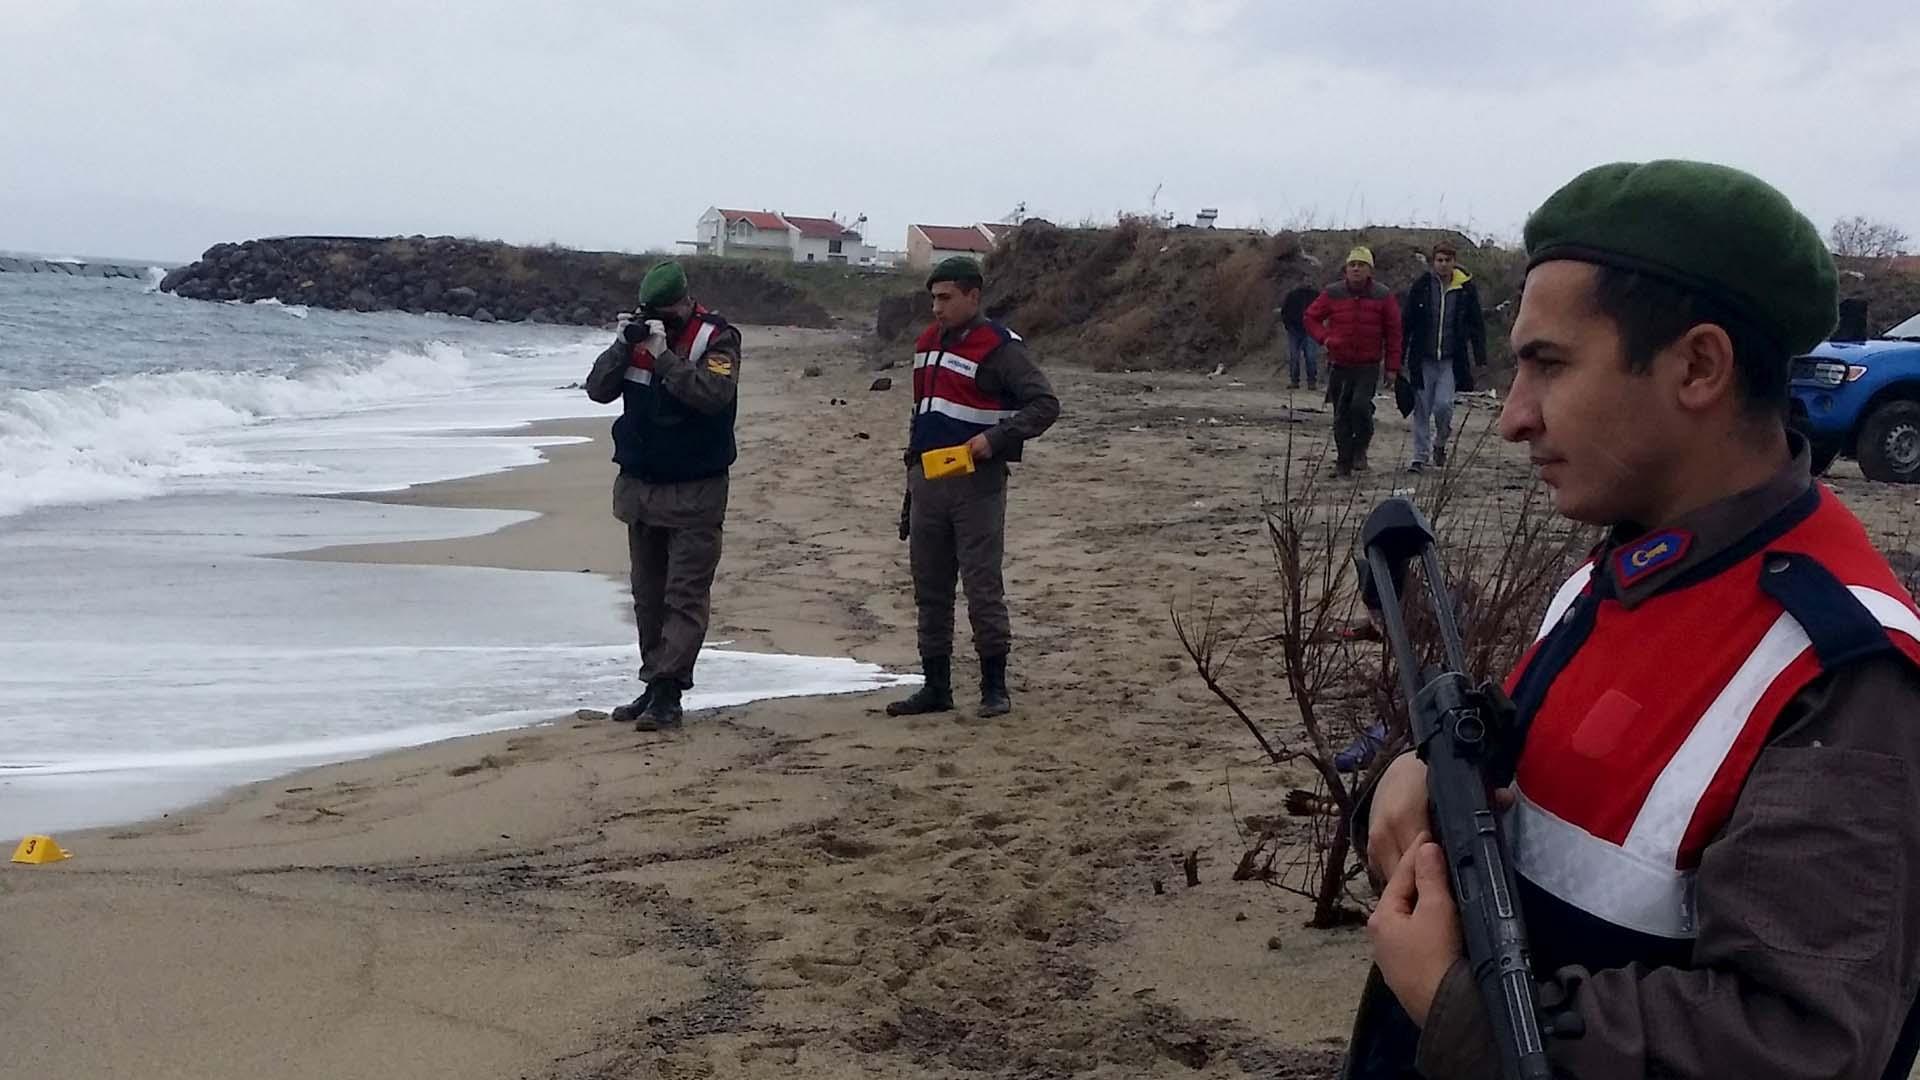 Los guardacostas mantienen la búsqueda de supervivientes en la zona